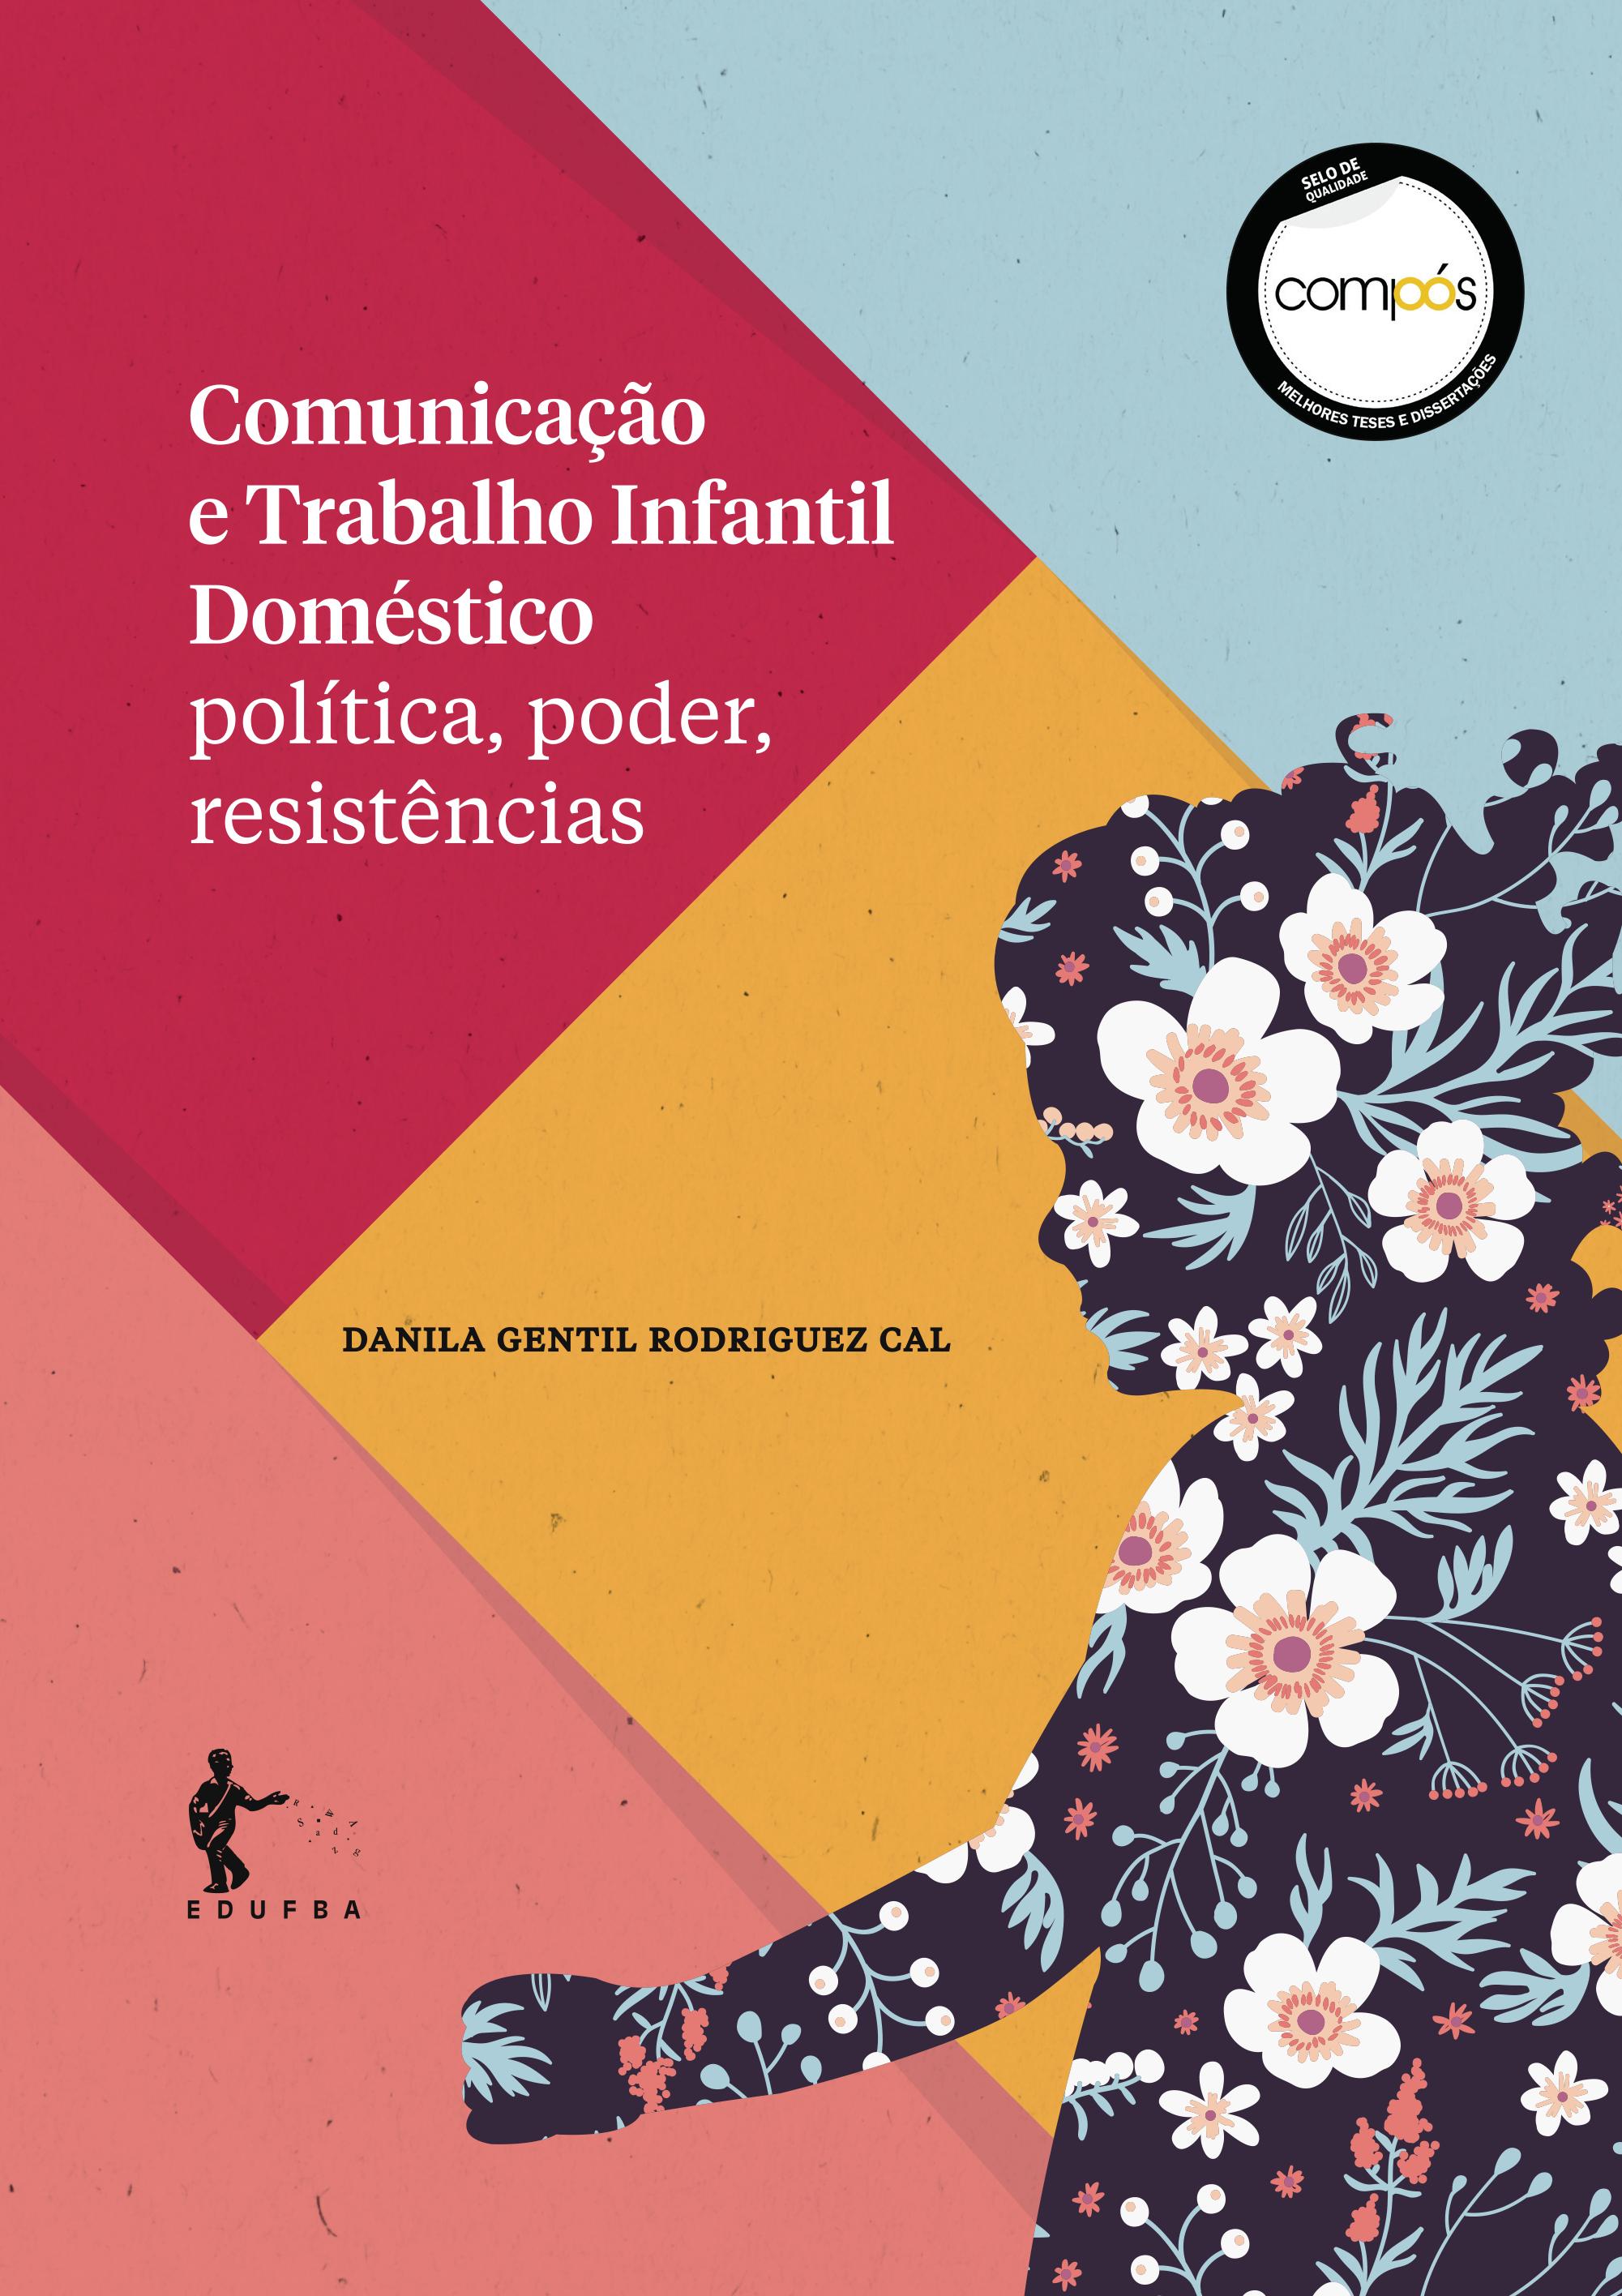 Comunicação e trabalho infantil doméstico: política, poder, resistências, livro de Danila Gentil Rodriguez Cal